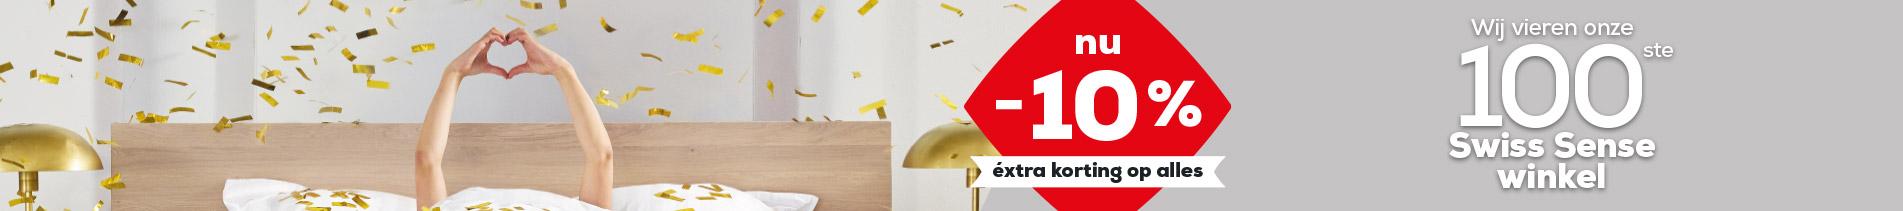 Wij vieren onze 100e winkel! | Swiss Sense